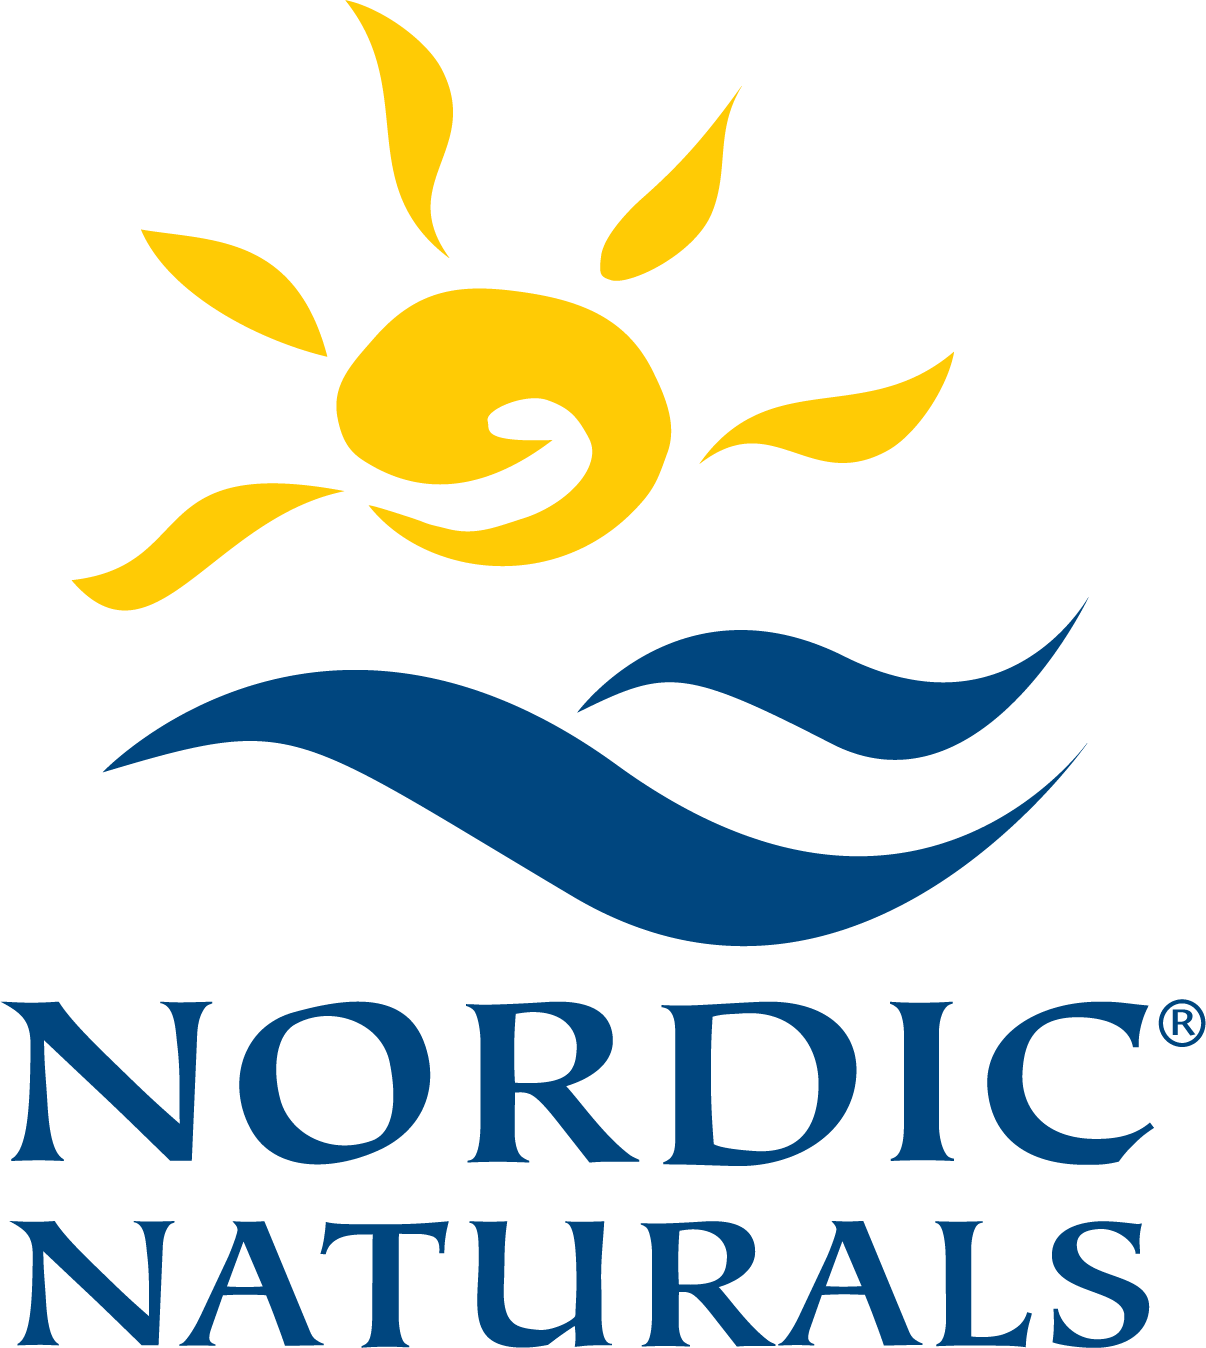 Nordic Natural